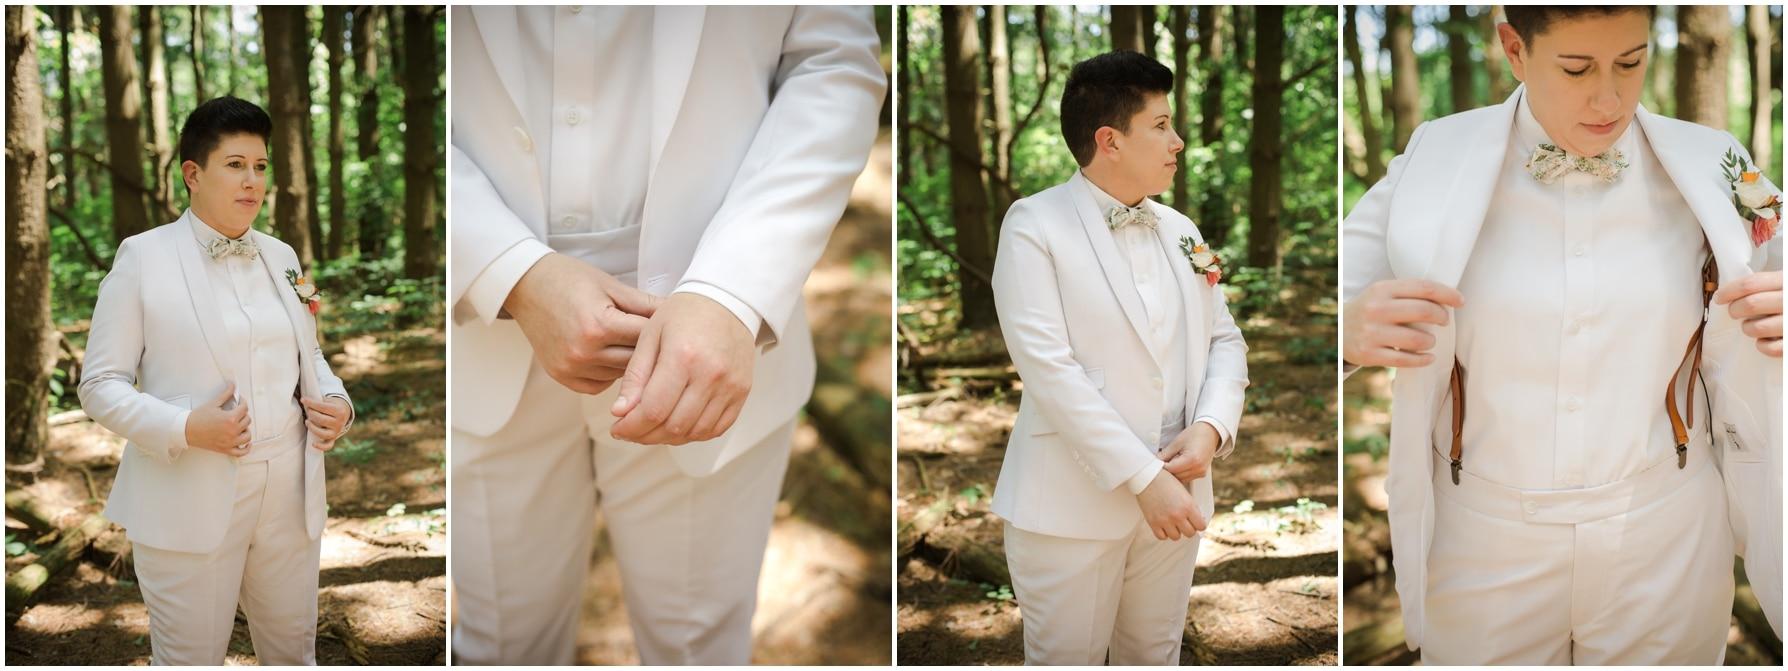 adam lowe photography, amazing, breathtaking , gay, gay pride, gay wedding, love, lgbt, lgbtq, lesbian,